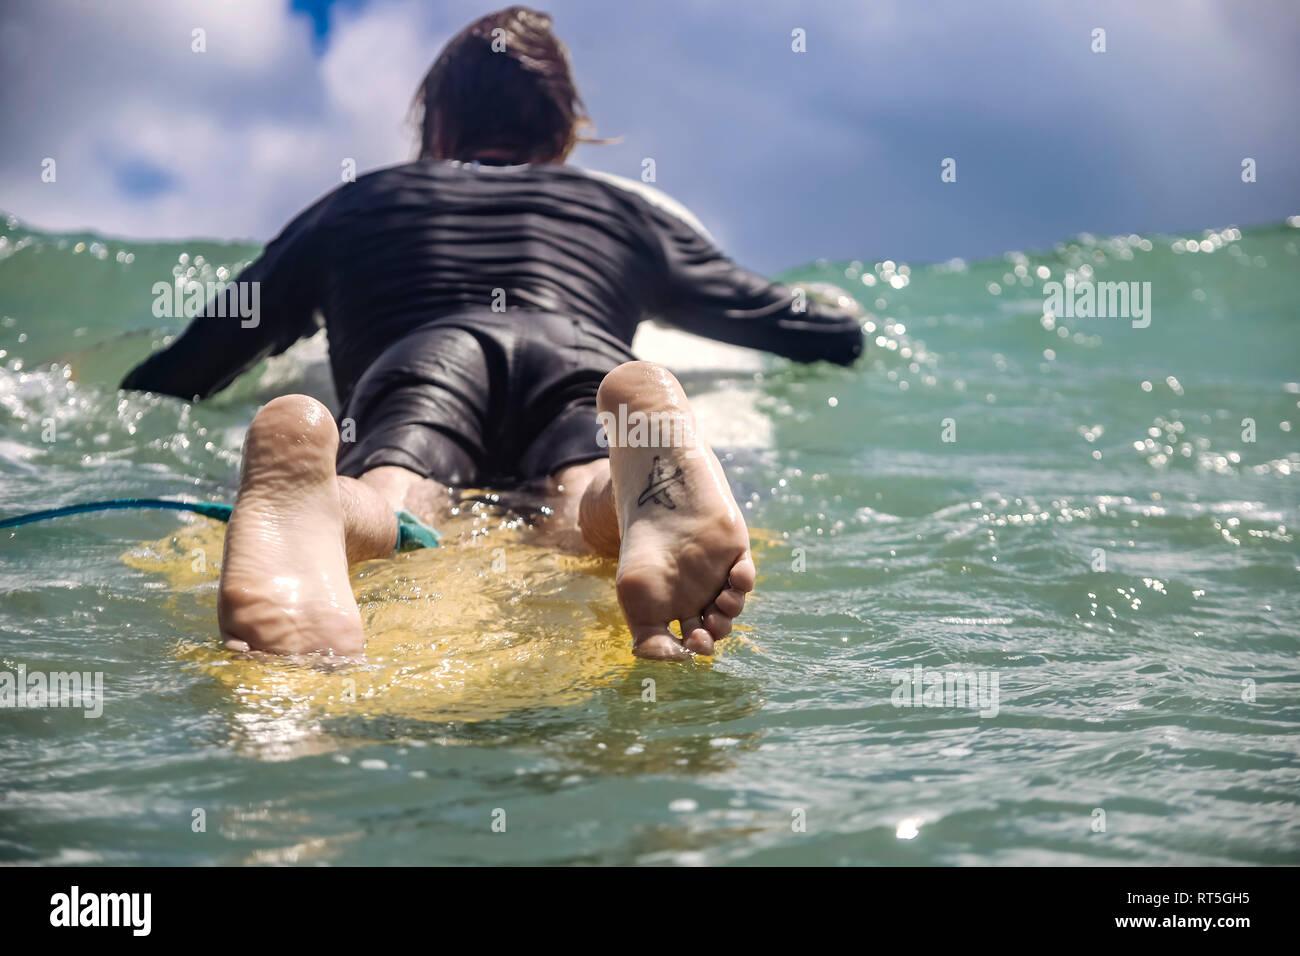 Indonesia, Bali, Kuta, surfista acostado sobre tablas de surf, tatuaje en la planta del pie Foto de stock